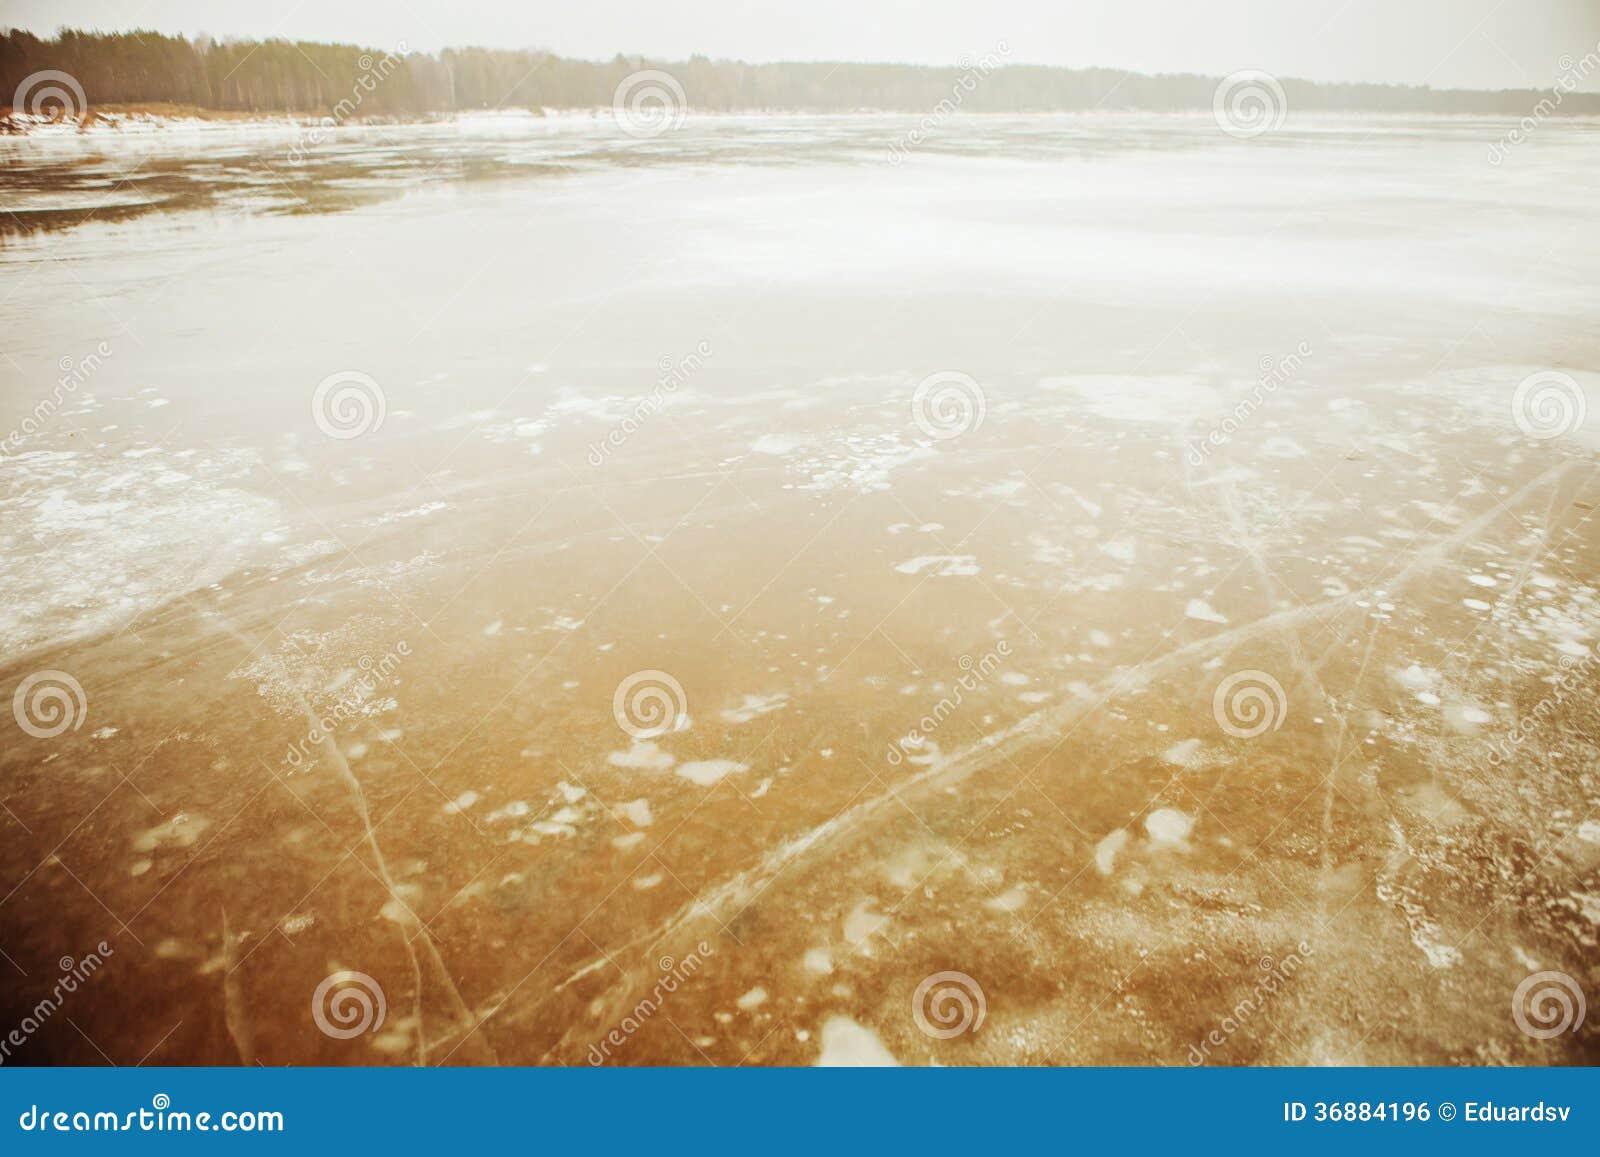 Download Paesaggio. fotografia stock. Immagine di congelato, nave - 36884196